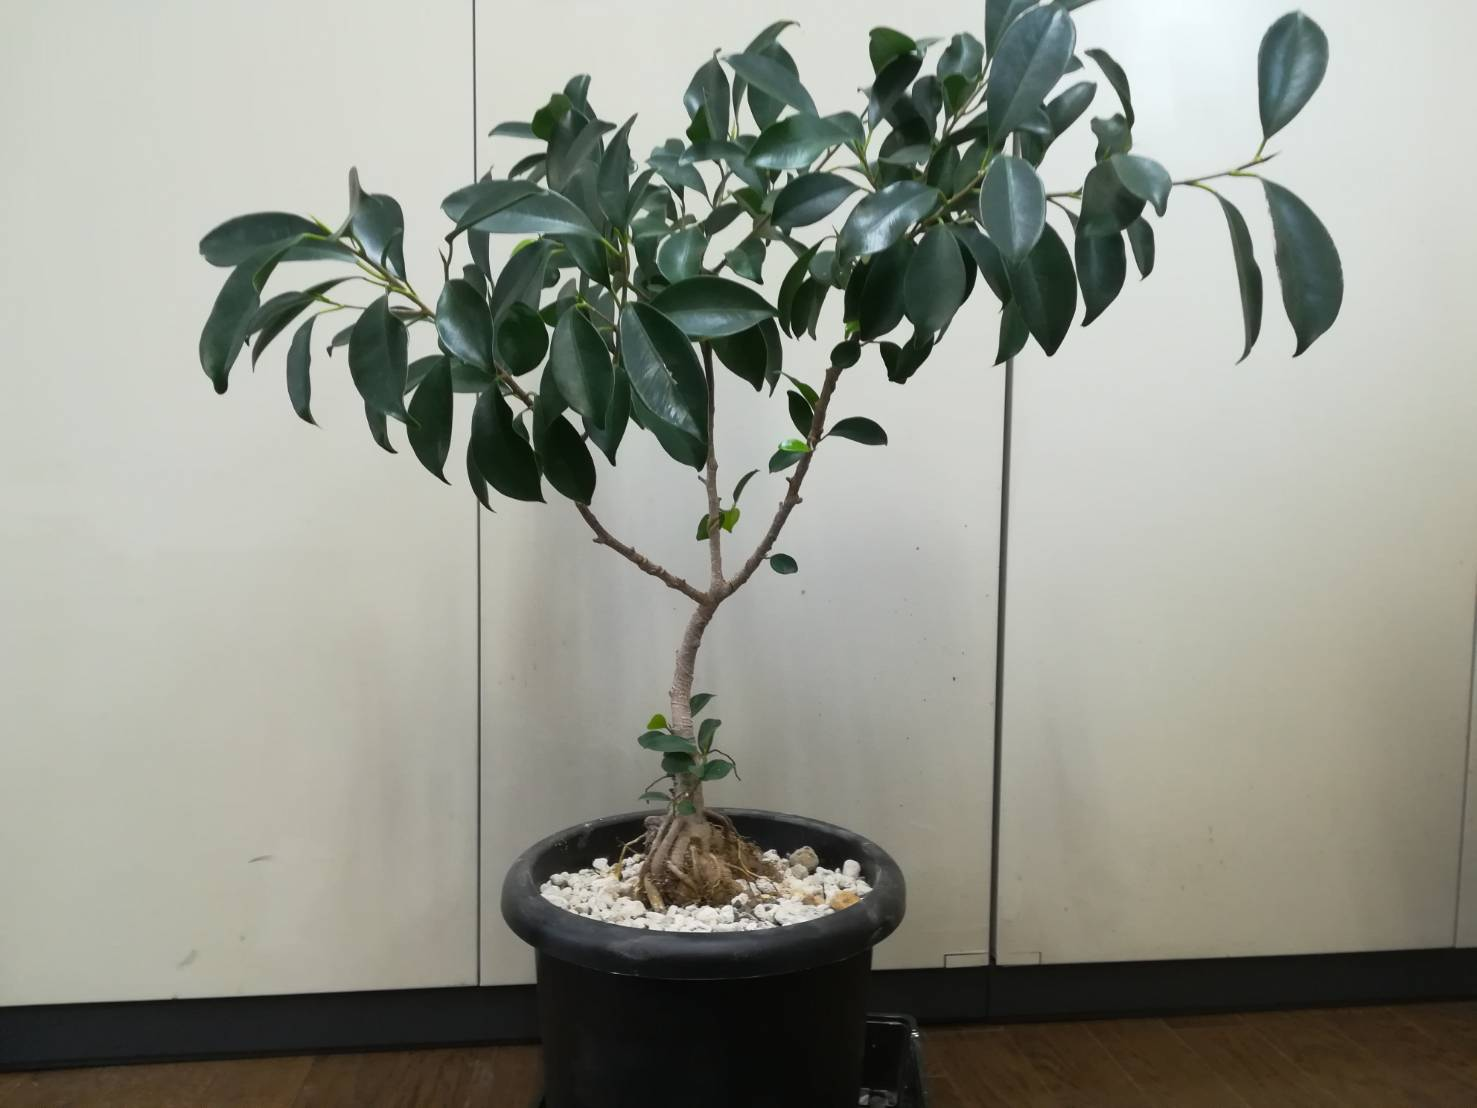 ガジュマル挿し木、4年経過。≪挿し木でも太くなる!≫